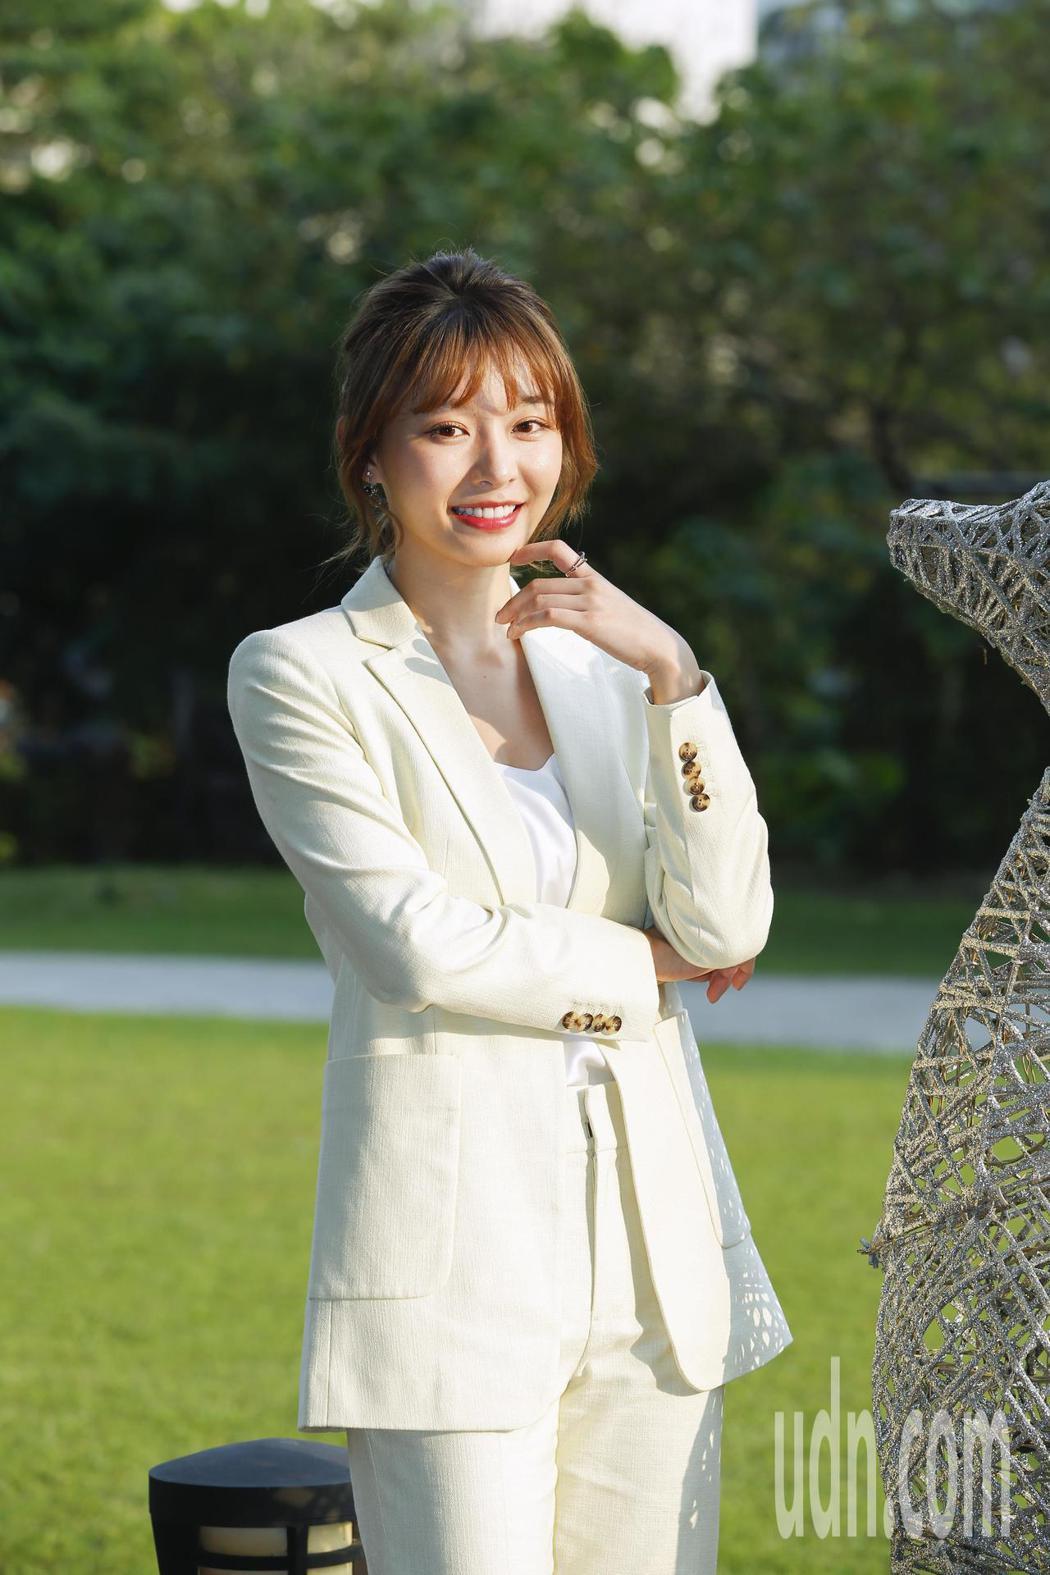 24歲陳怡叡是樂天桃猿啦啦隊的人氣成員,近期首度進軍影壇演出阿KEN執導的「練愛...